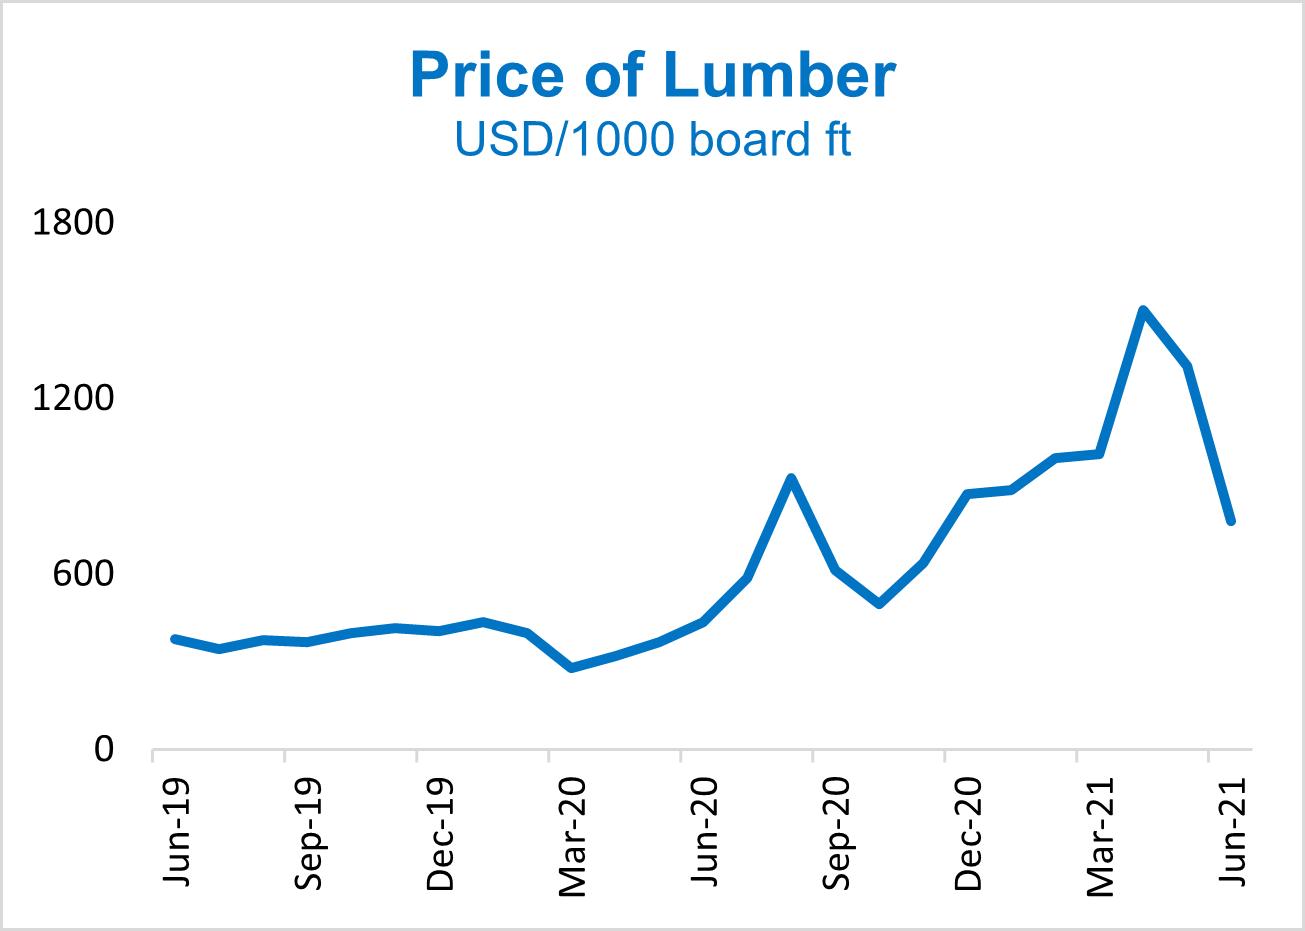 Price of Lumber